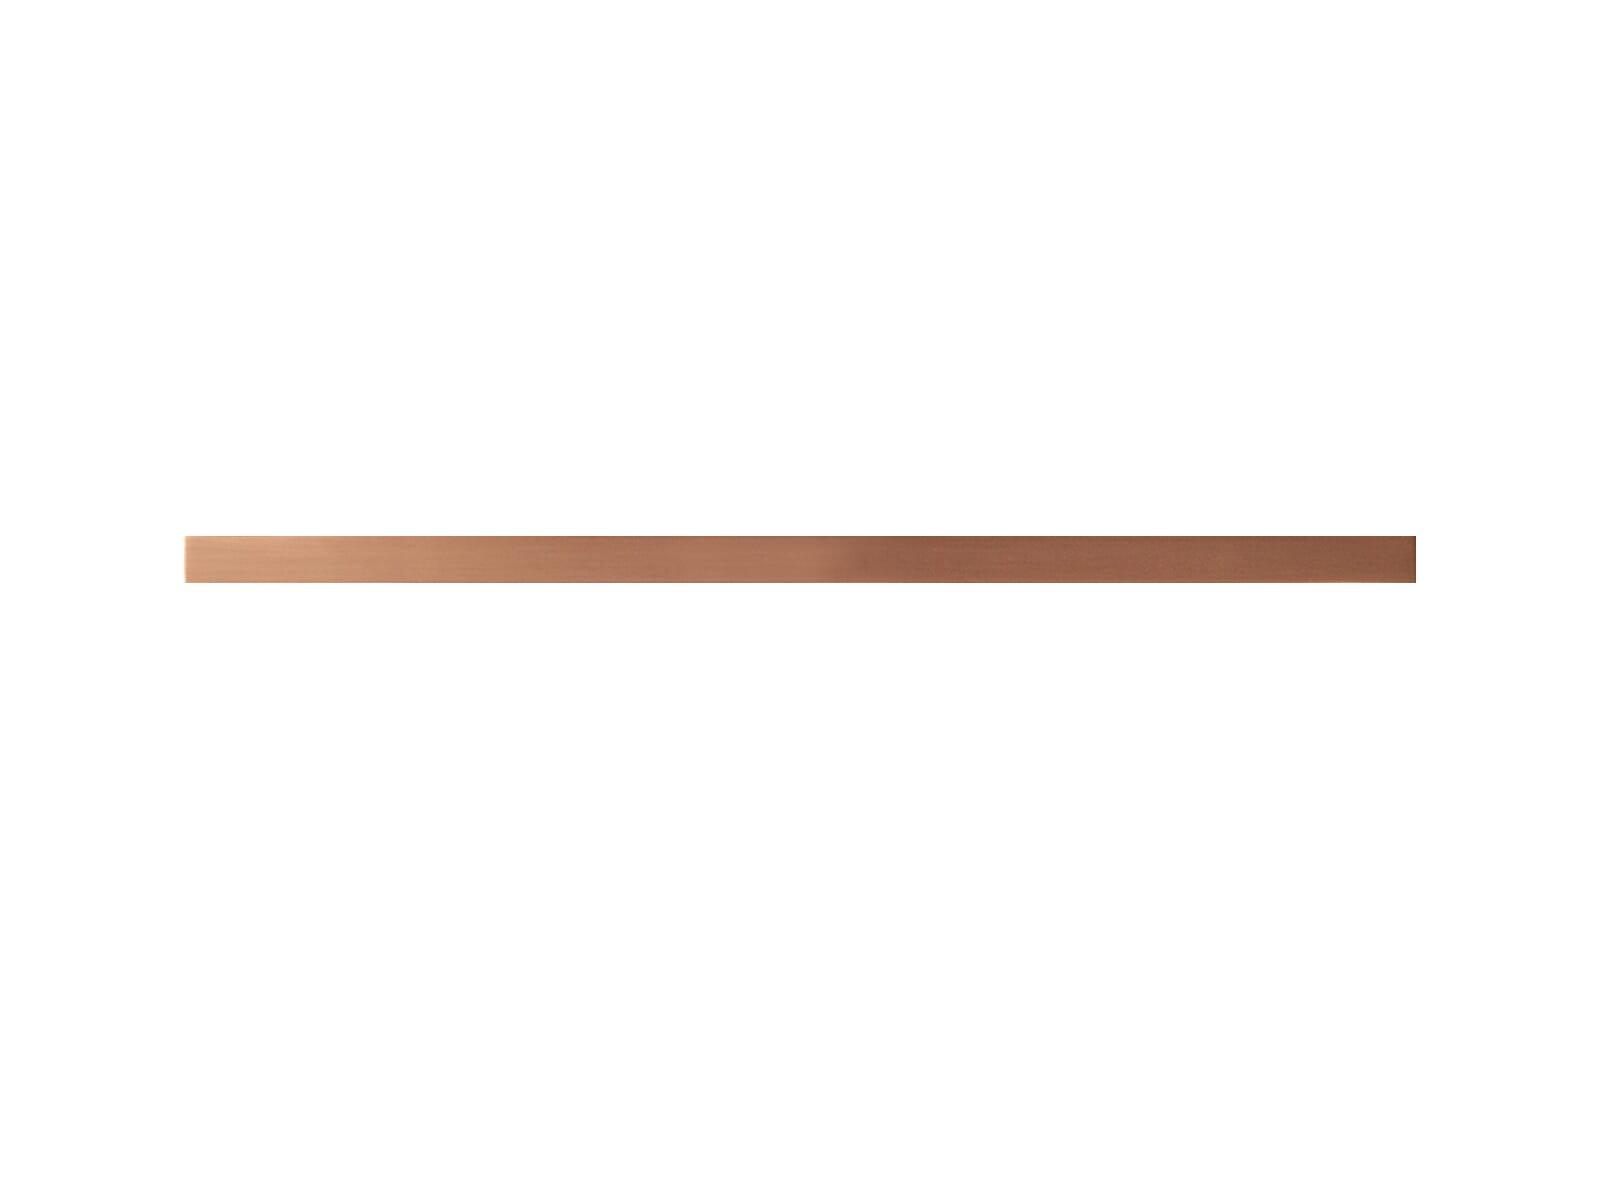 Küppersbusch DK 9017 Design-Kit Copper